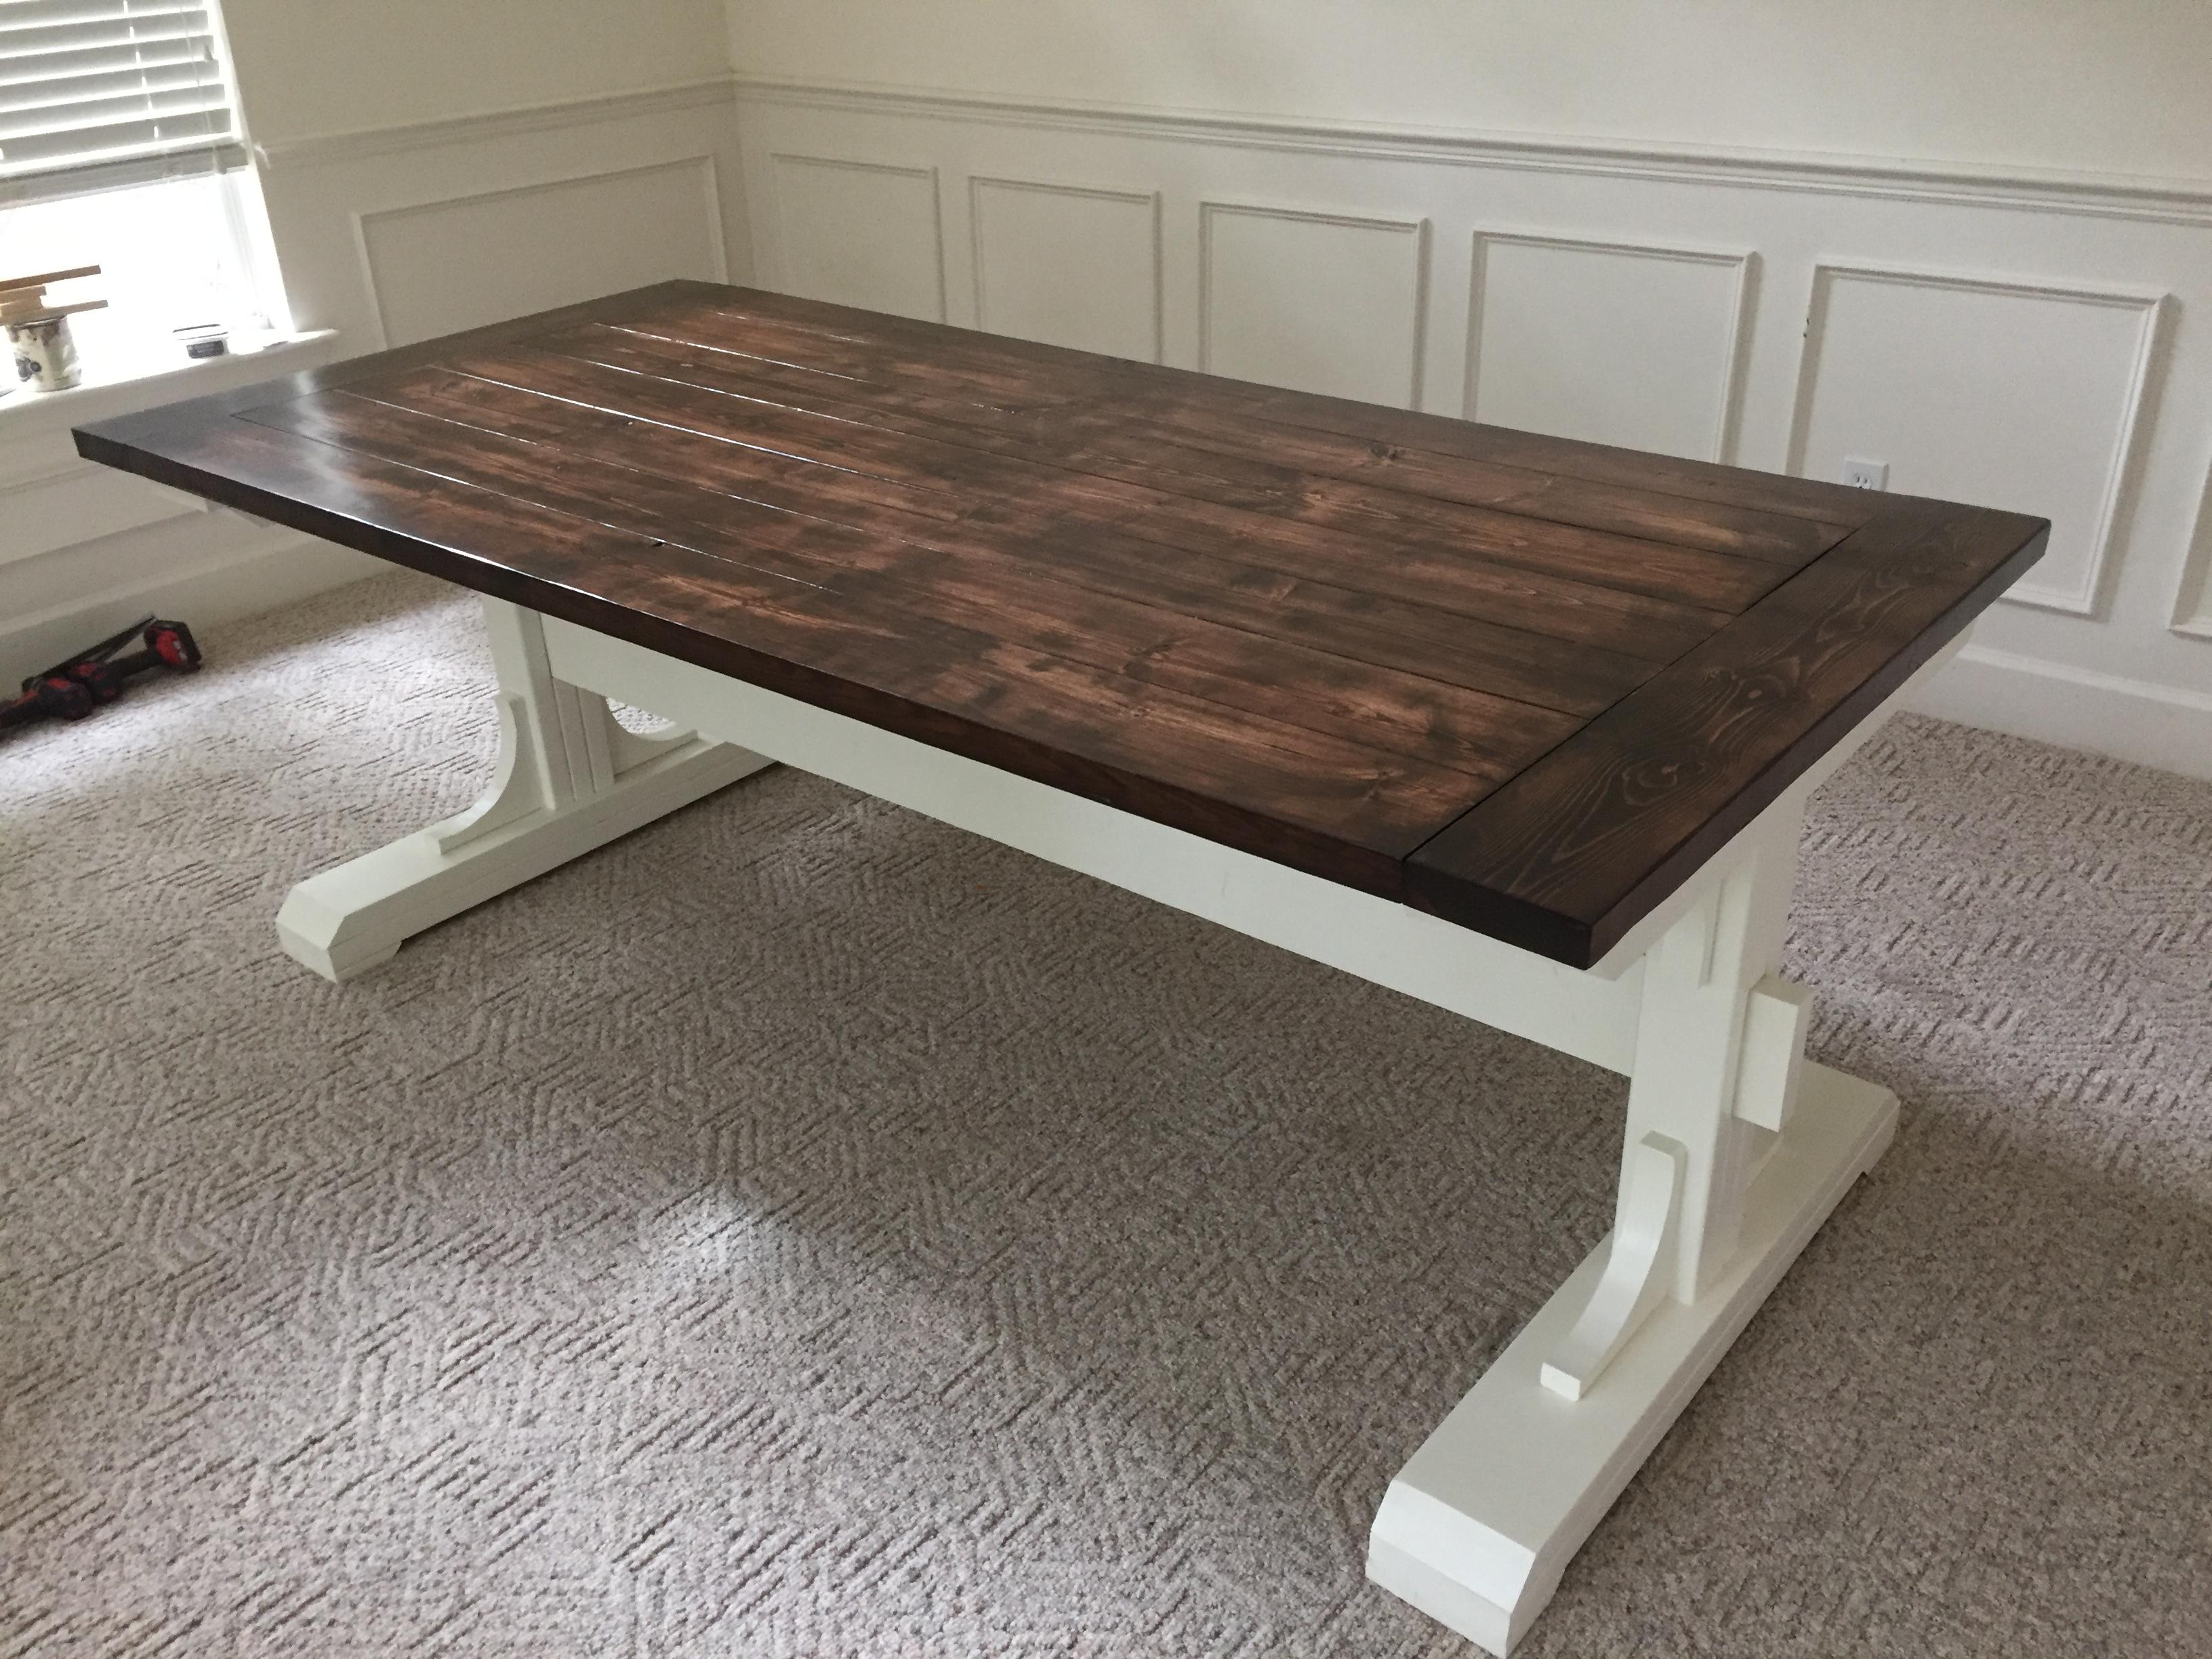 farmhouse table plans pdf Ana White | Double Pedestal Farmhouse Table   DIY Projects farmhouse table plans pdf